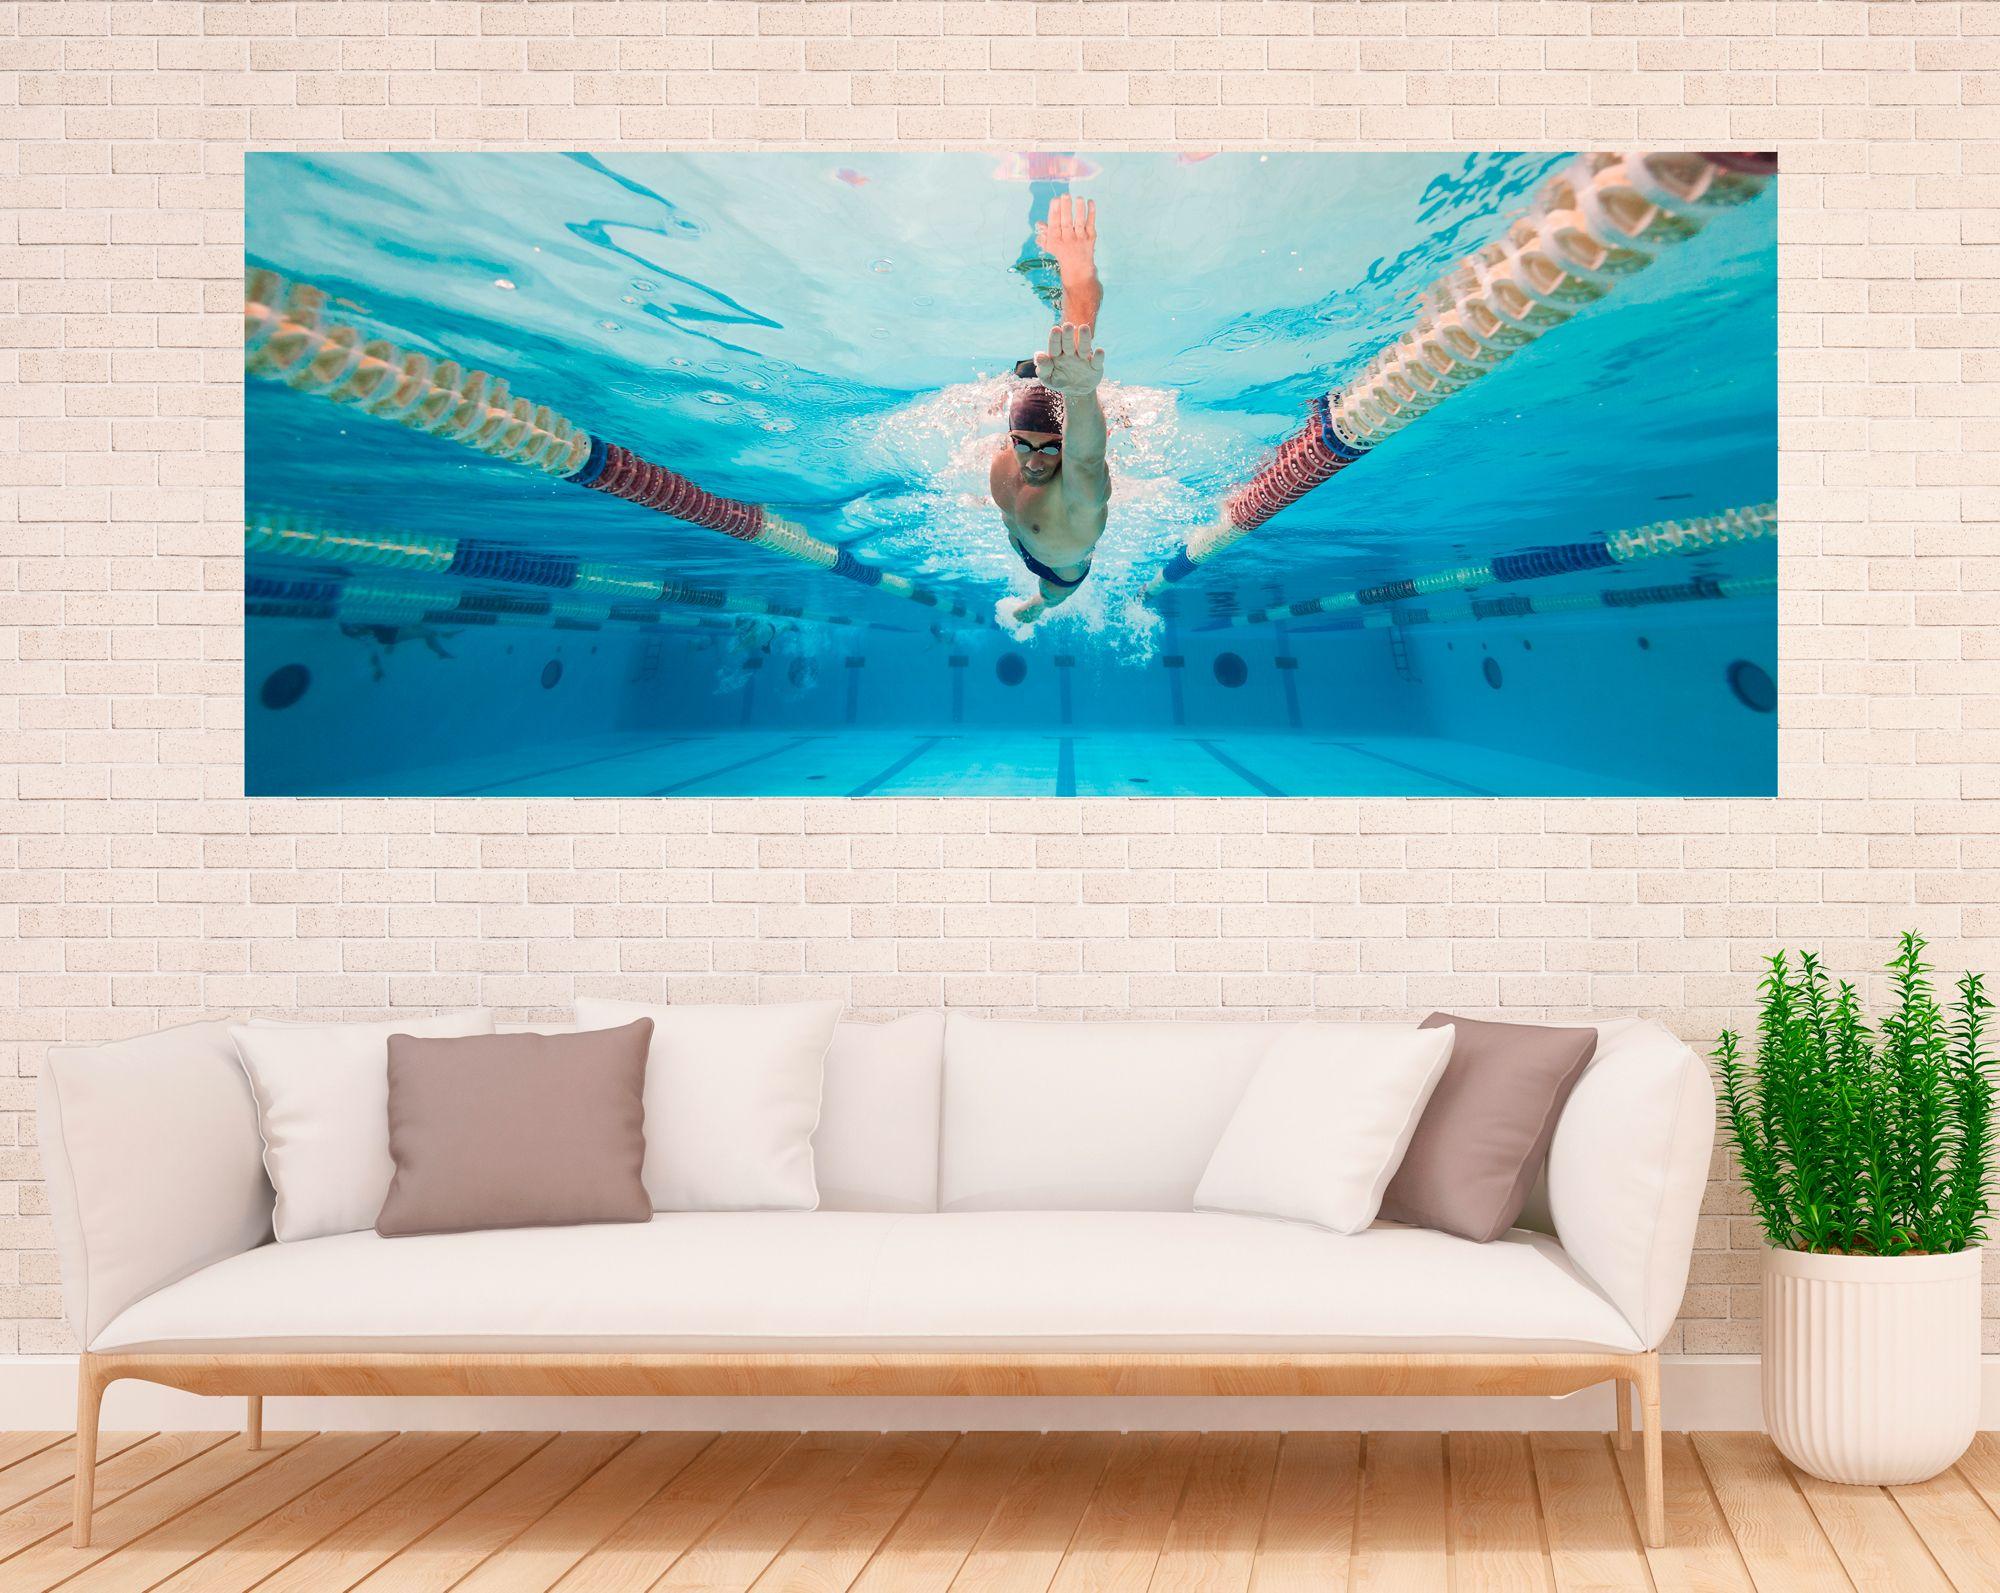 Панно на стену - Пловец купить в магазине Интерьерные наклейки